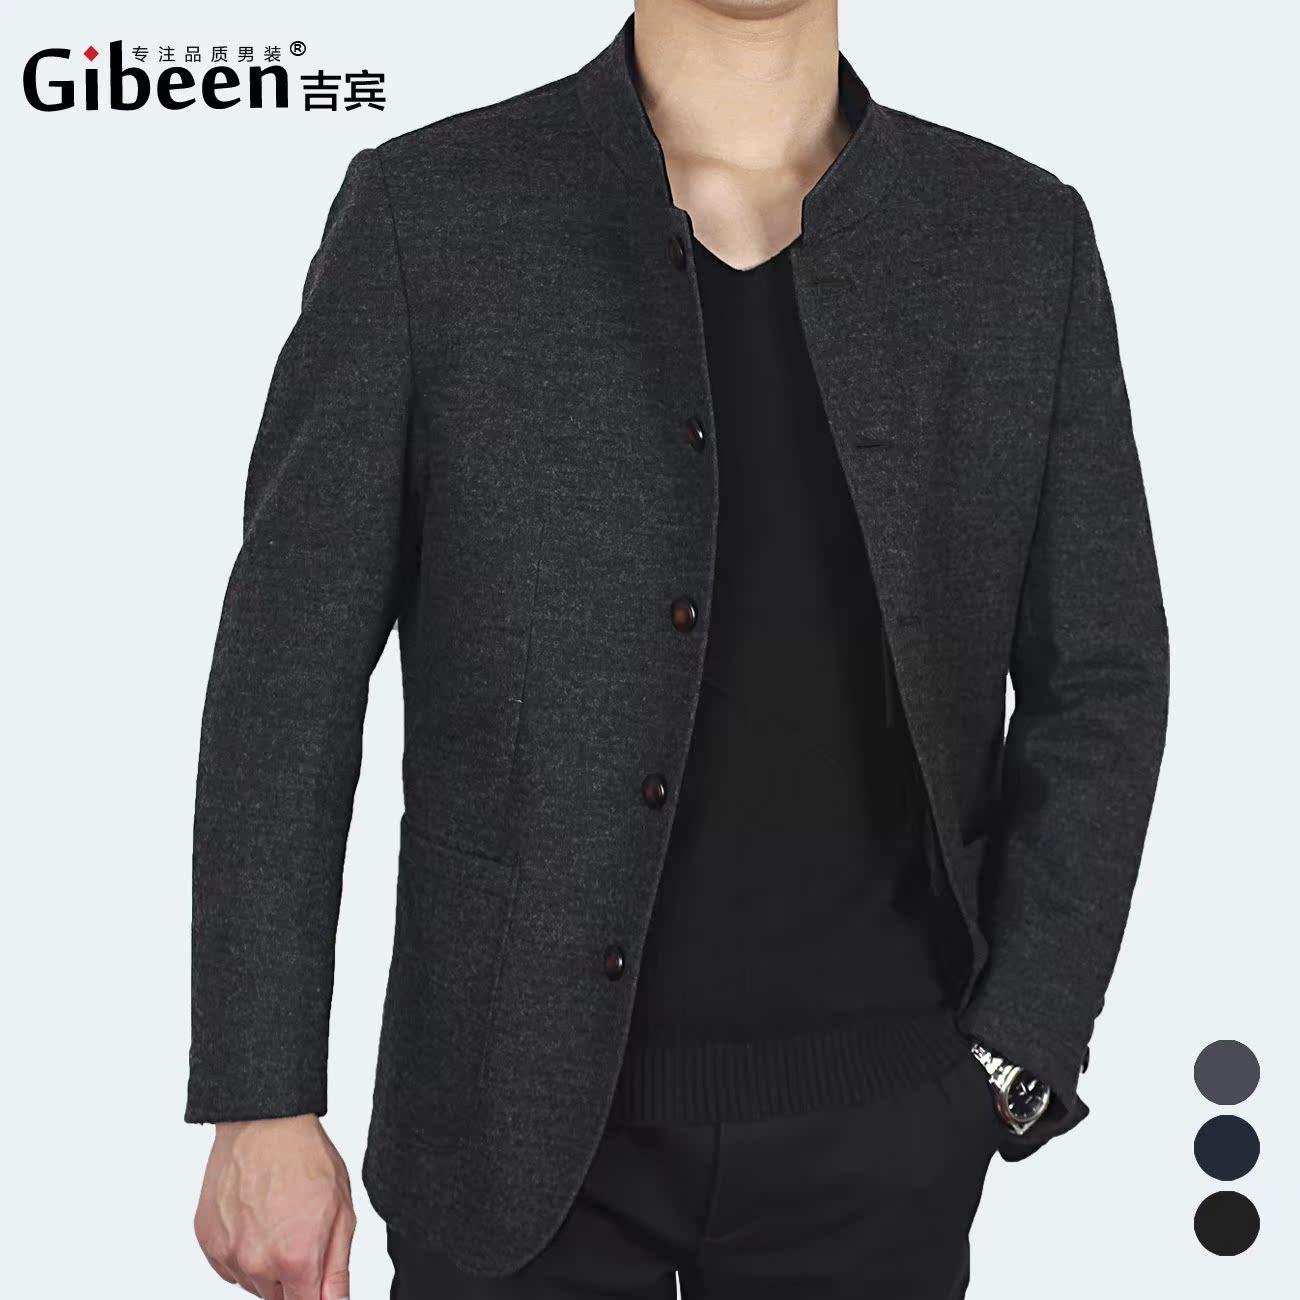 Пальто мужское Gibeen gb15a0001